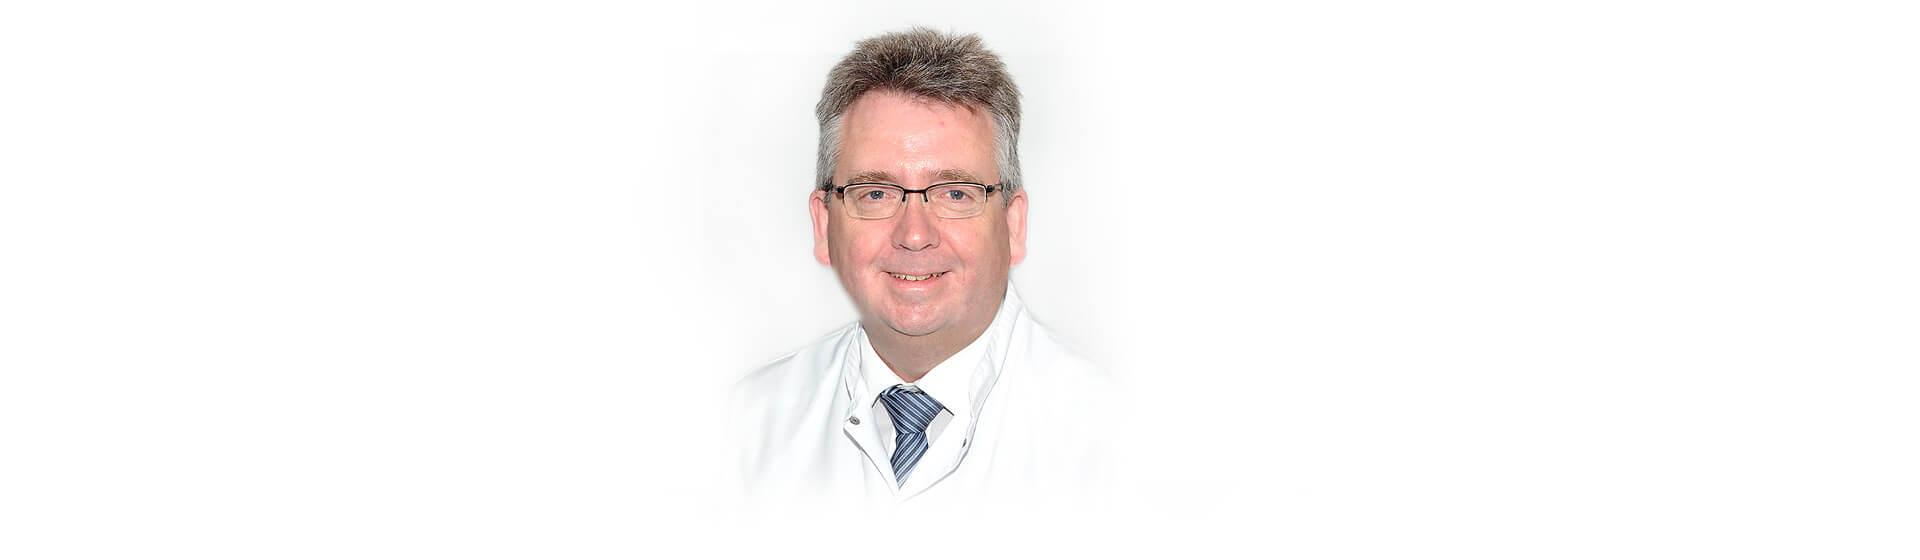 Headerbild Chefarzt Dr. med. Weihrauch